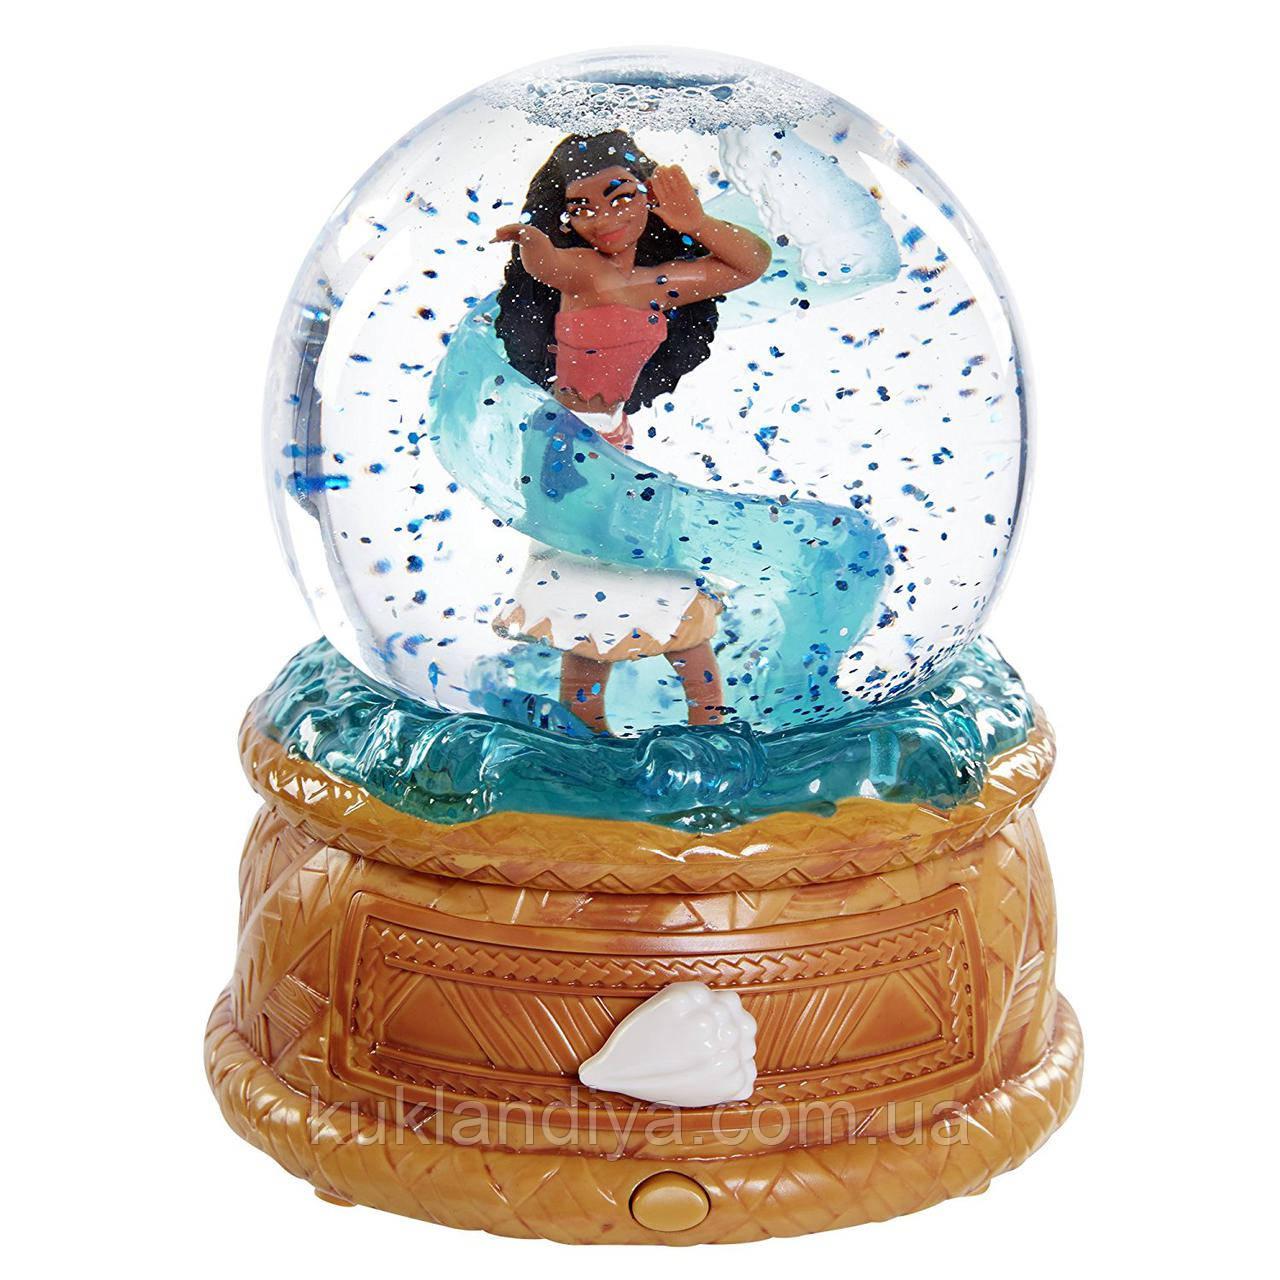 Музыкальная шкатулка-шар  с Моаной  Дисней